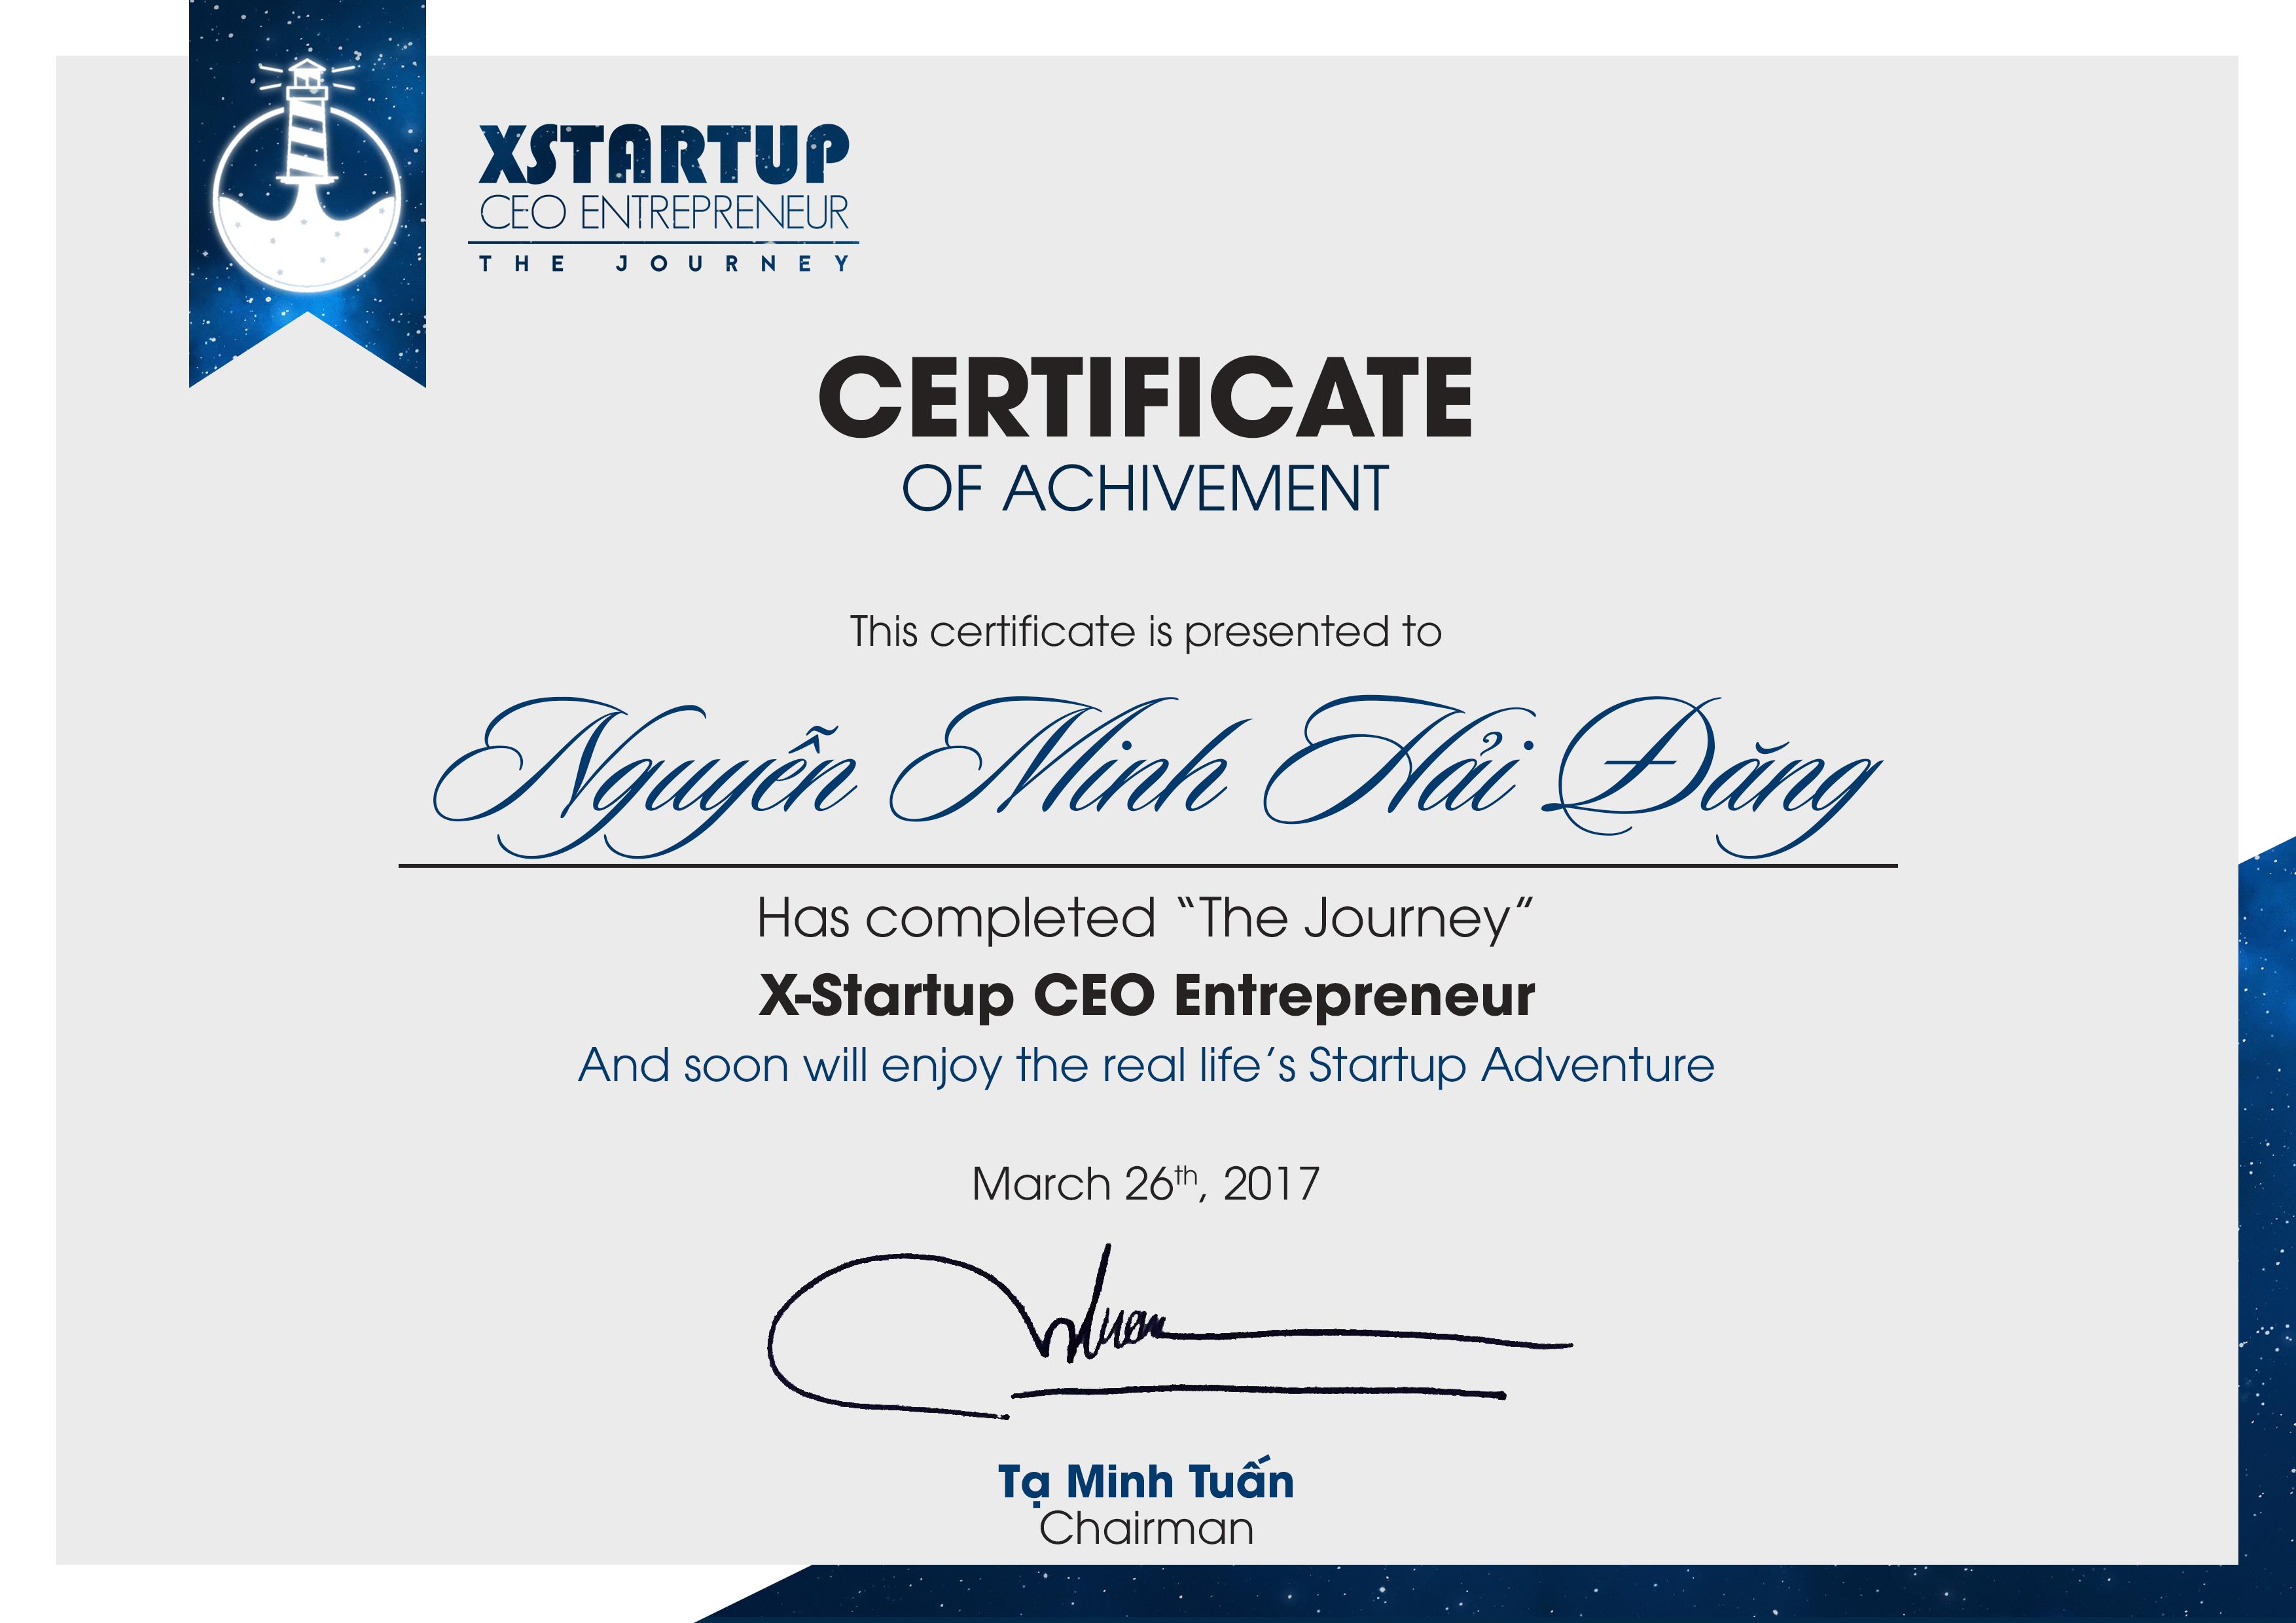 Xstartup Certificate